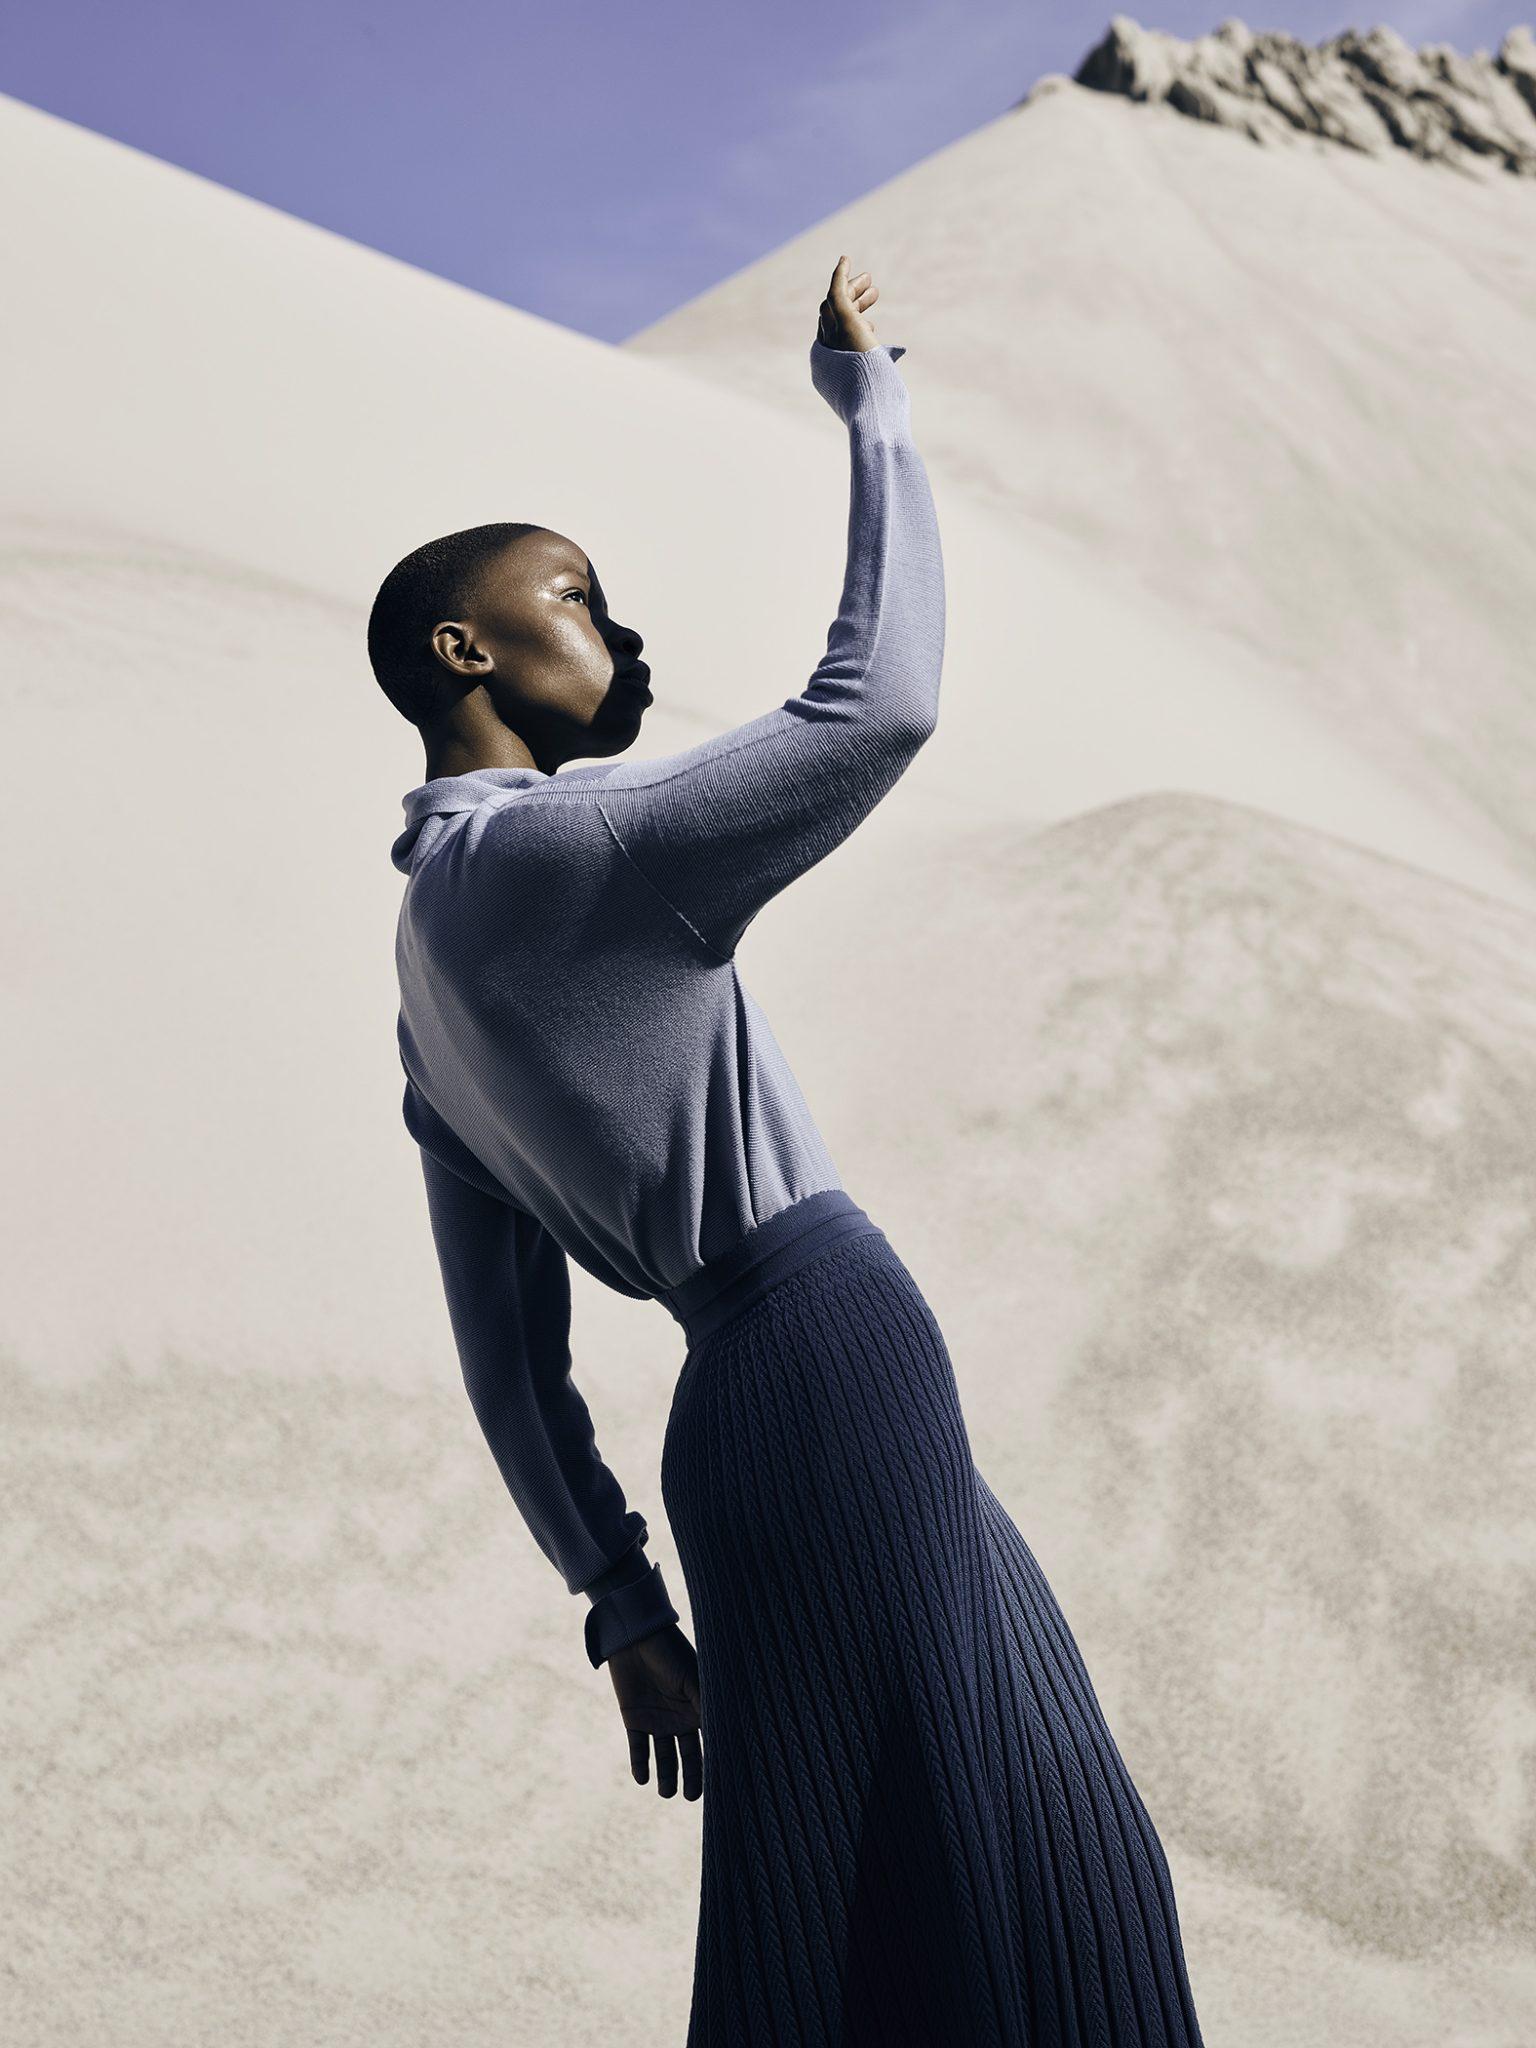 fashion editorial, Robert Wunsch, Berlin